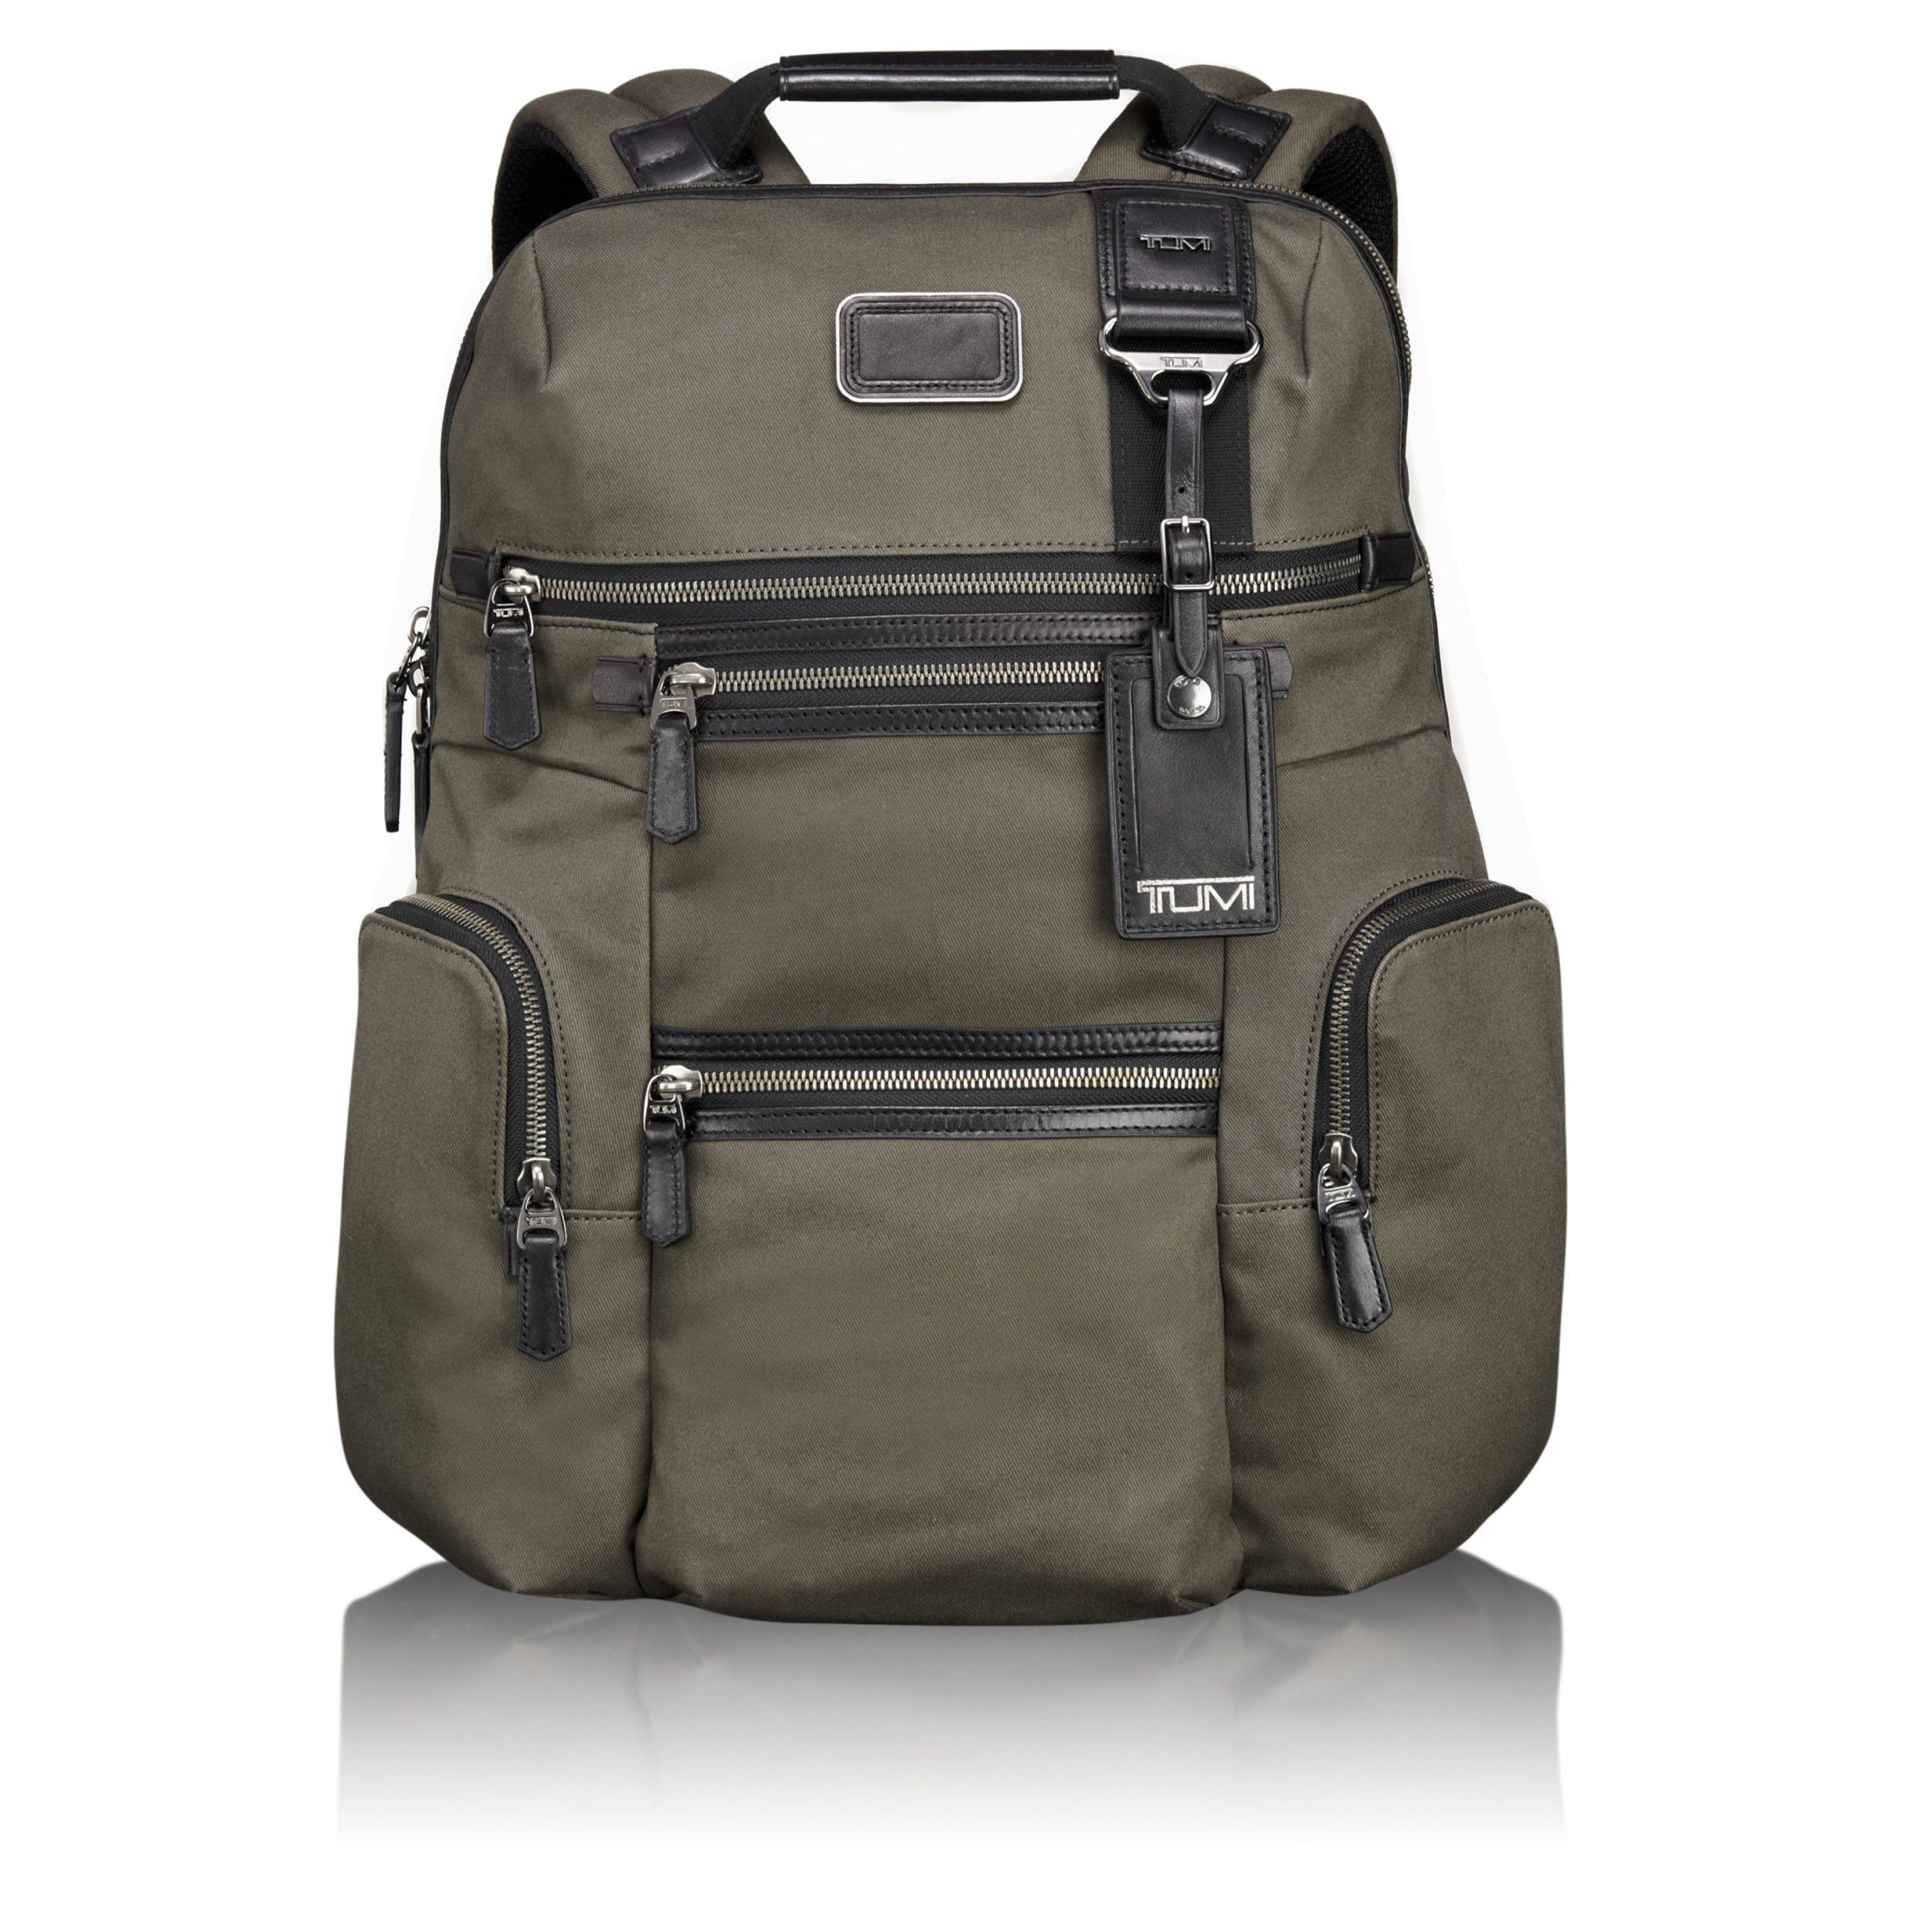 Grove Backpack Tumi | Backpacks, Tumi, Bags